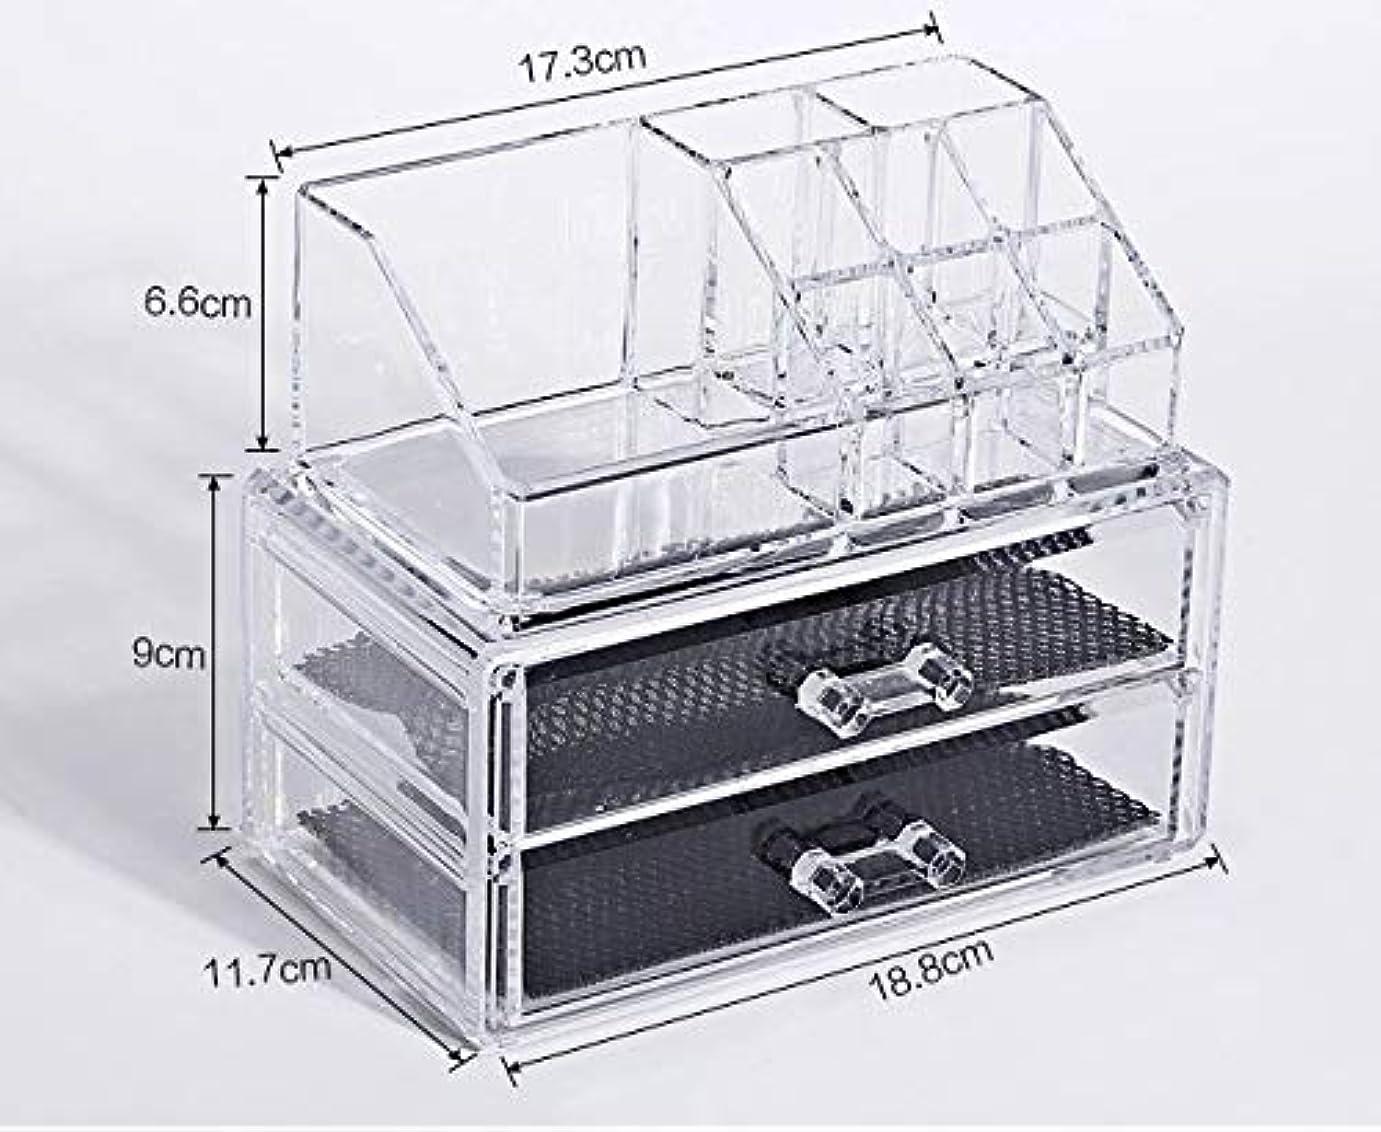 ブリークブームめんどり化粧品収納ボックス メイクケース メイクボックス コスメボックス 騒音なし 防塵 高透明度 強い耐久性 整理簡単 引き出し小物